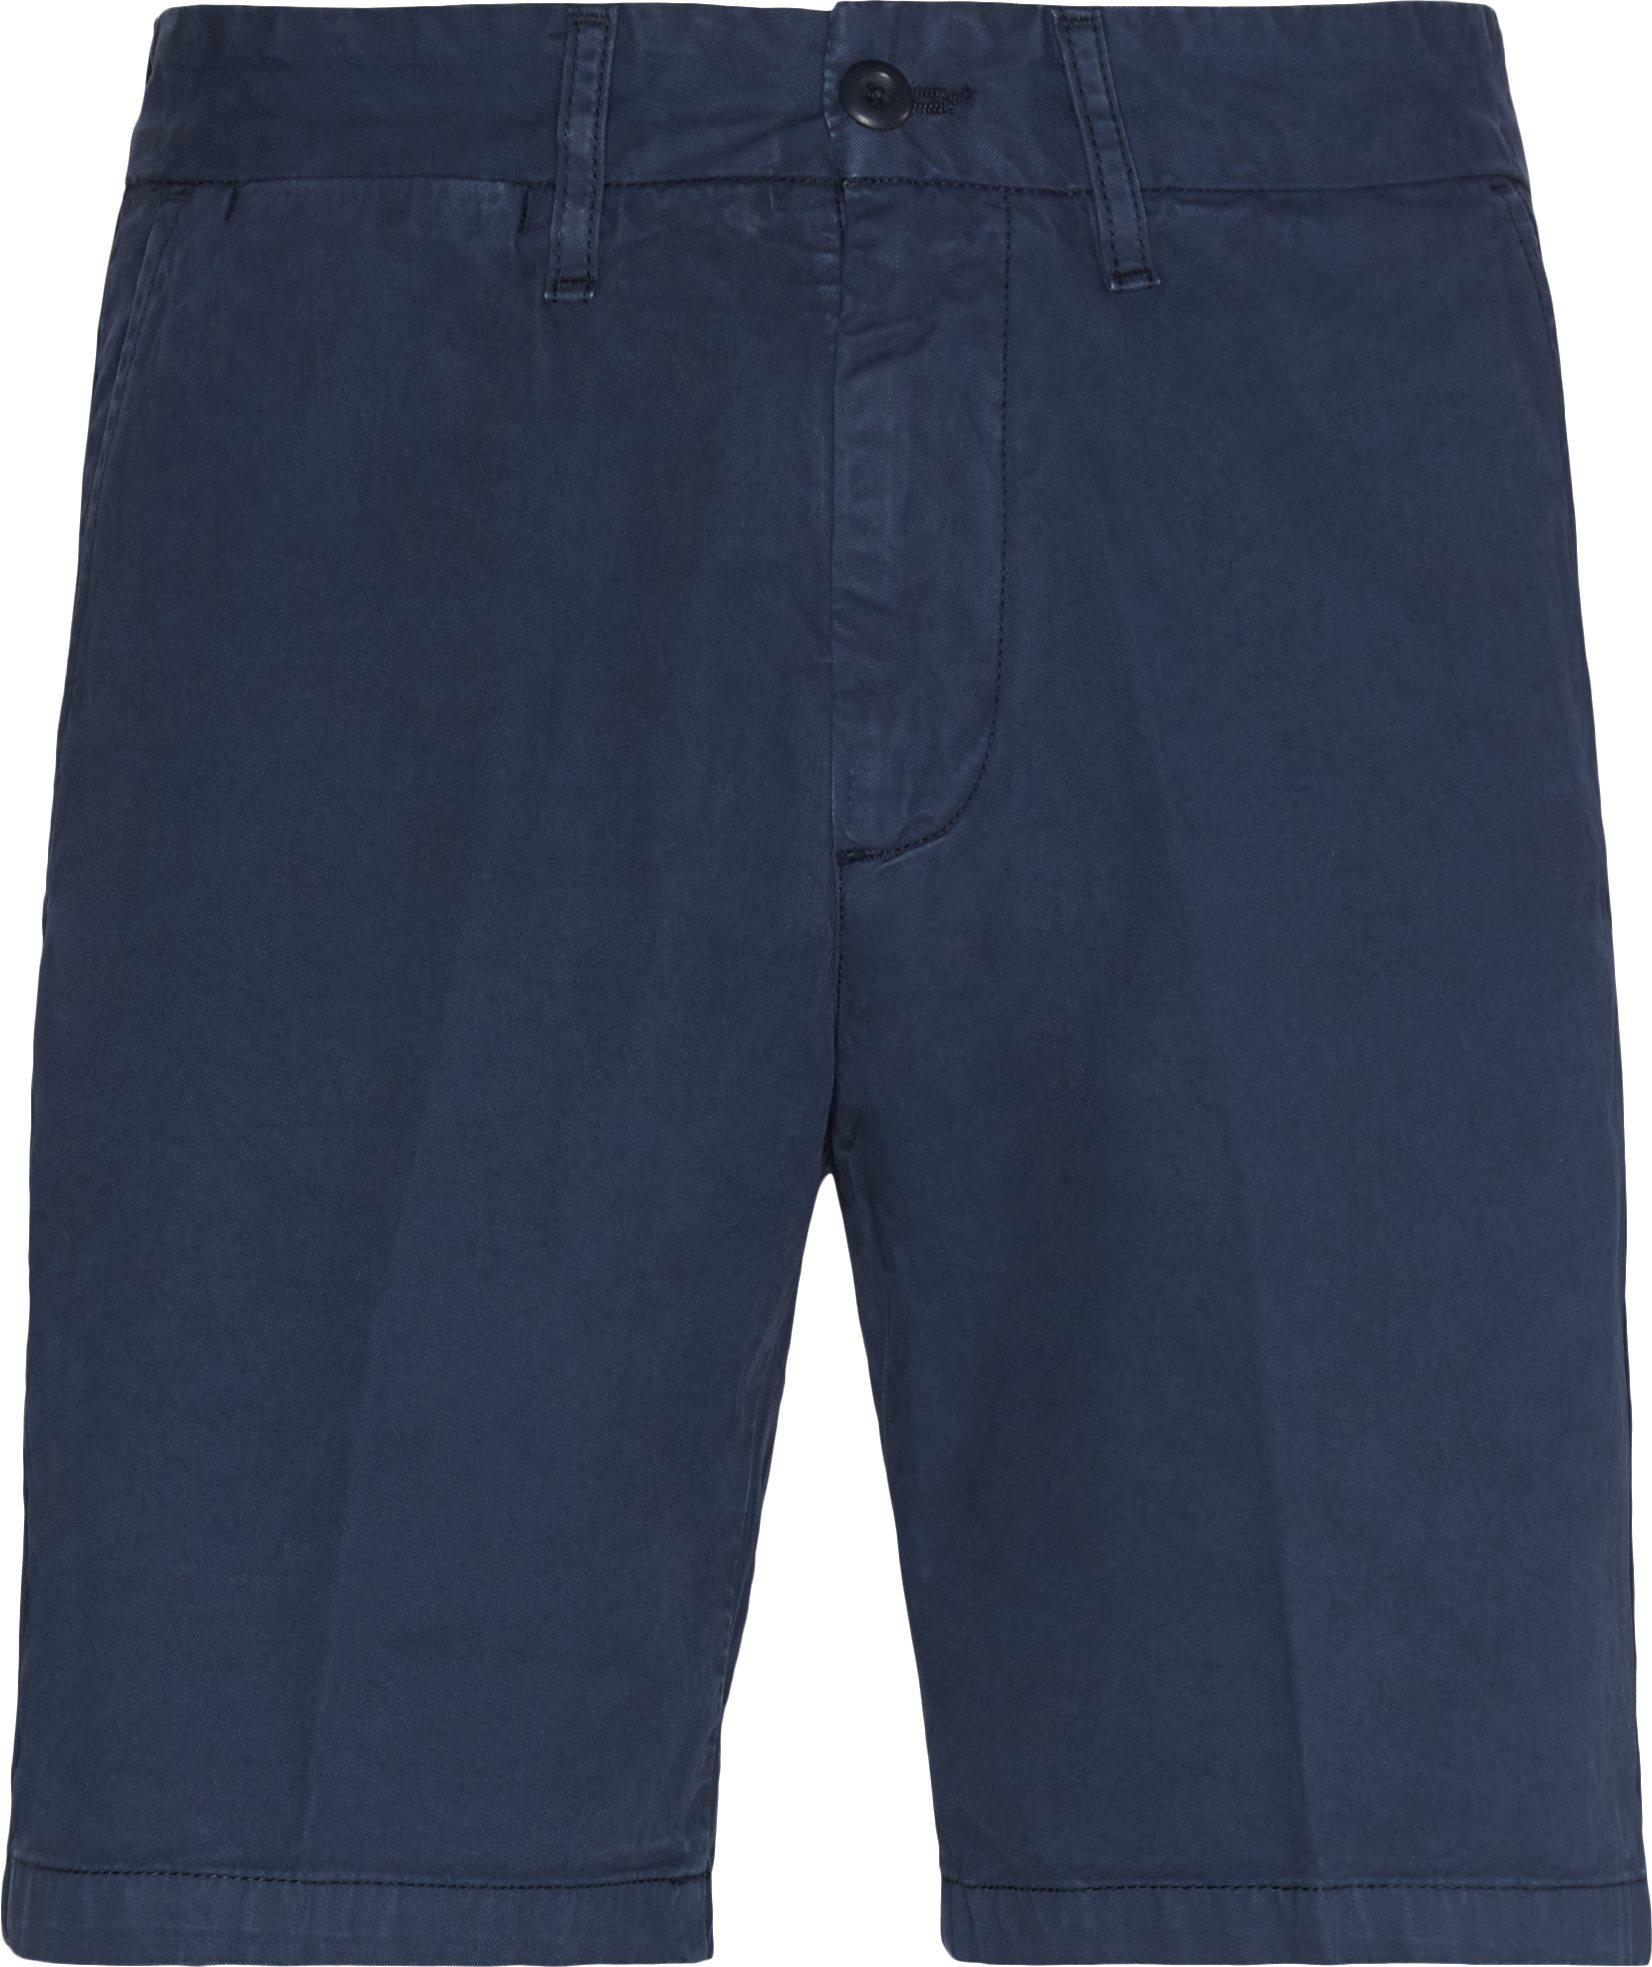 John Shorts - Shorts - Regular - Blå